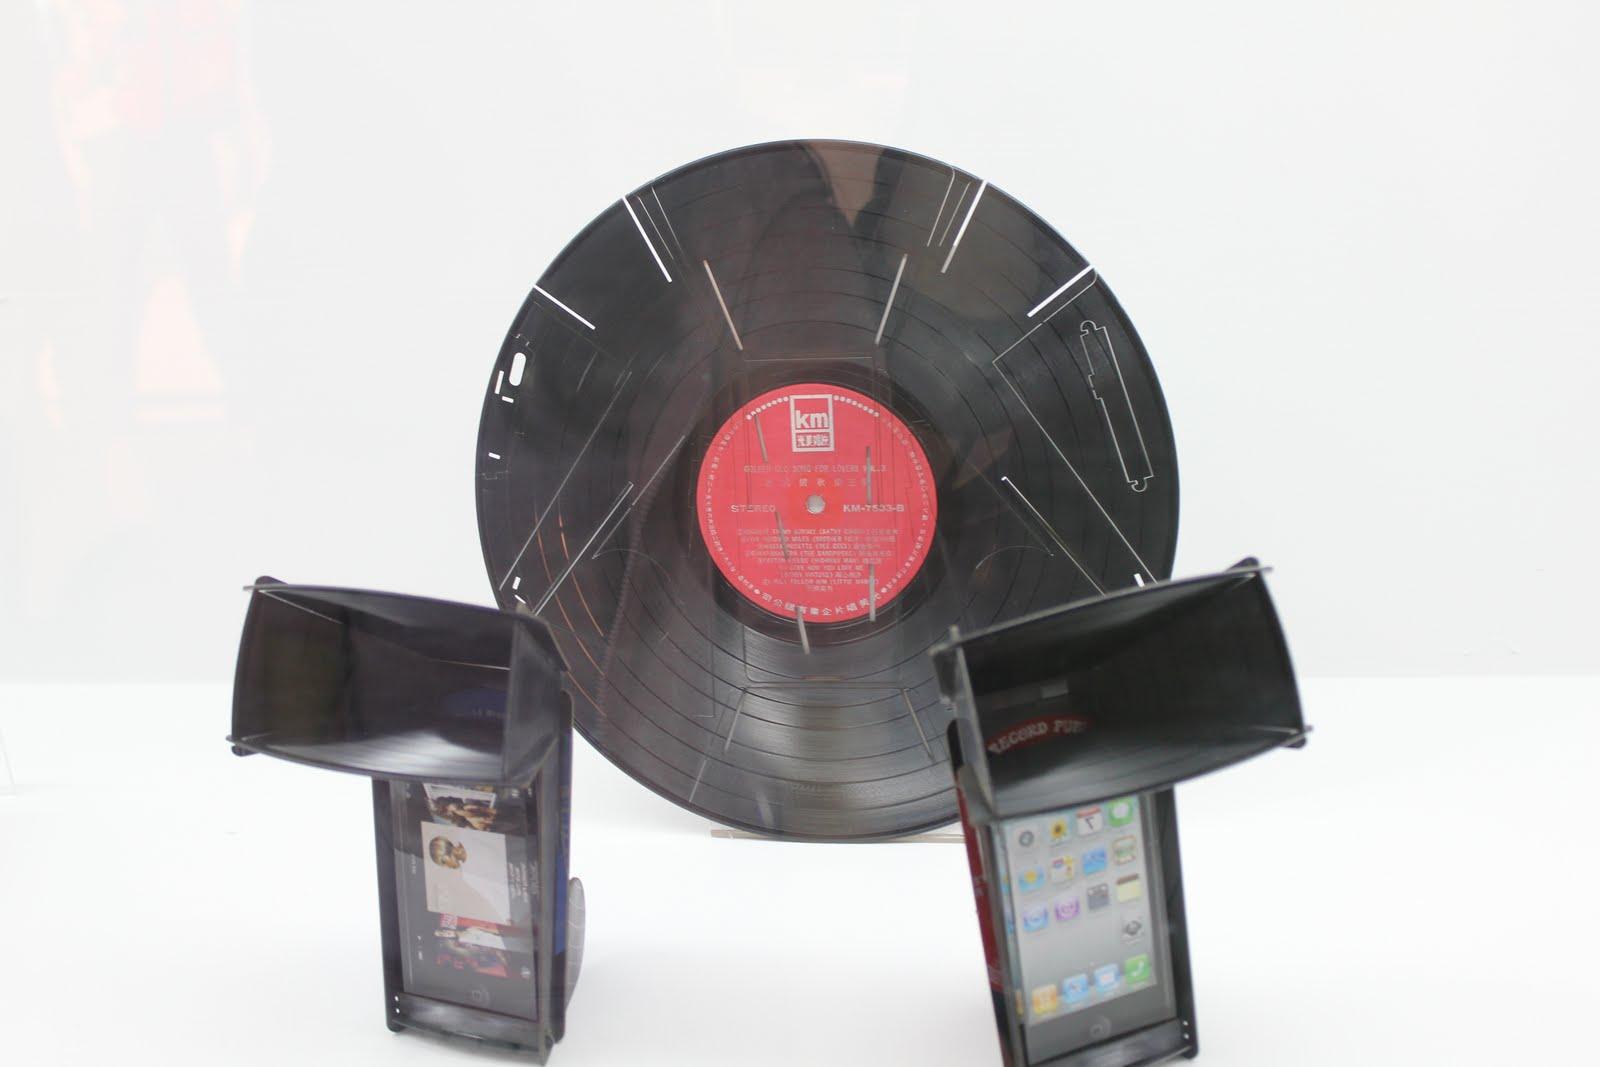 1001視覺傳達設計: 十月 2011